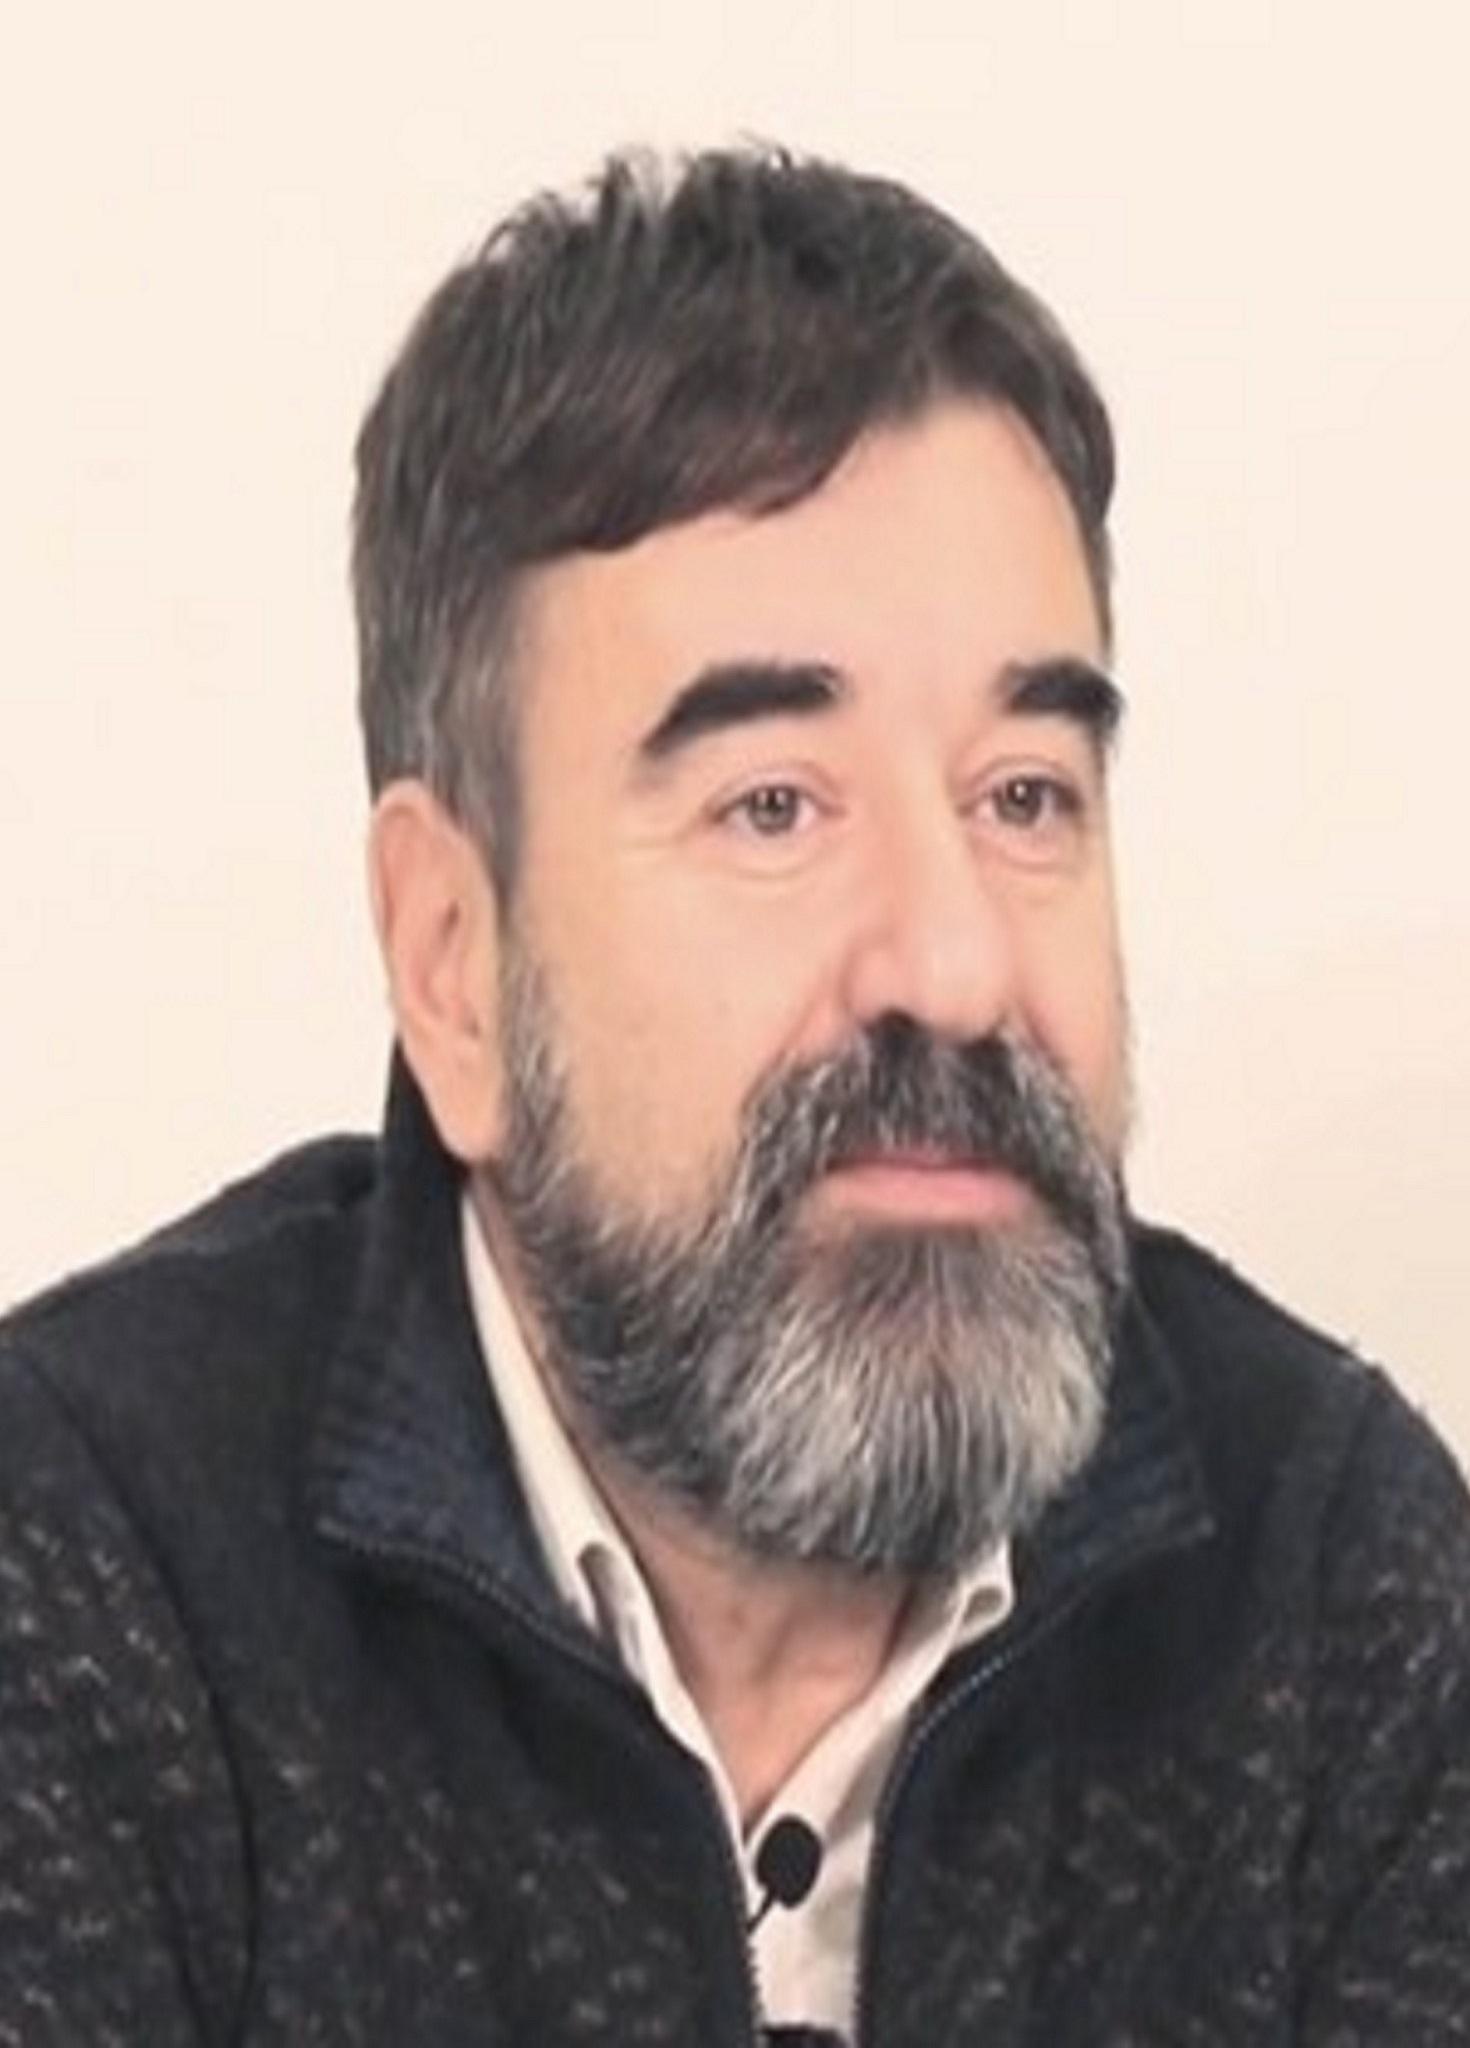 Mauro Bolmida